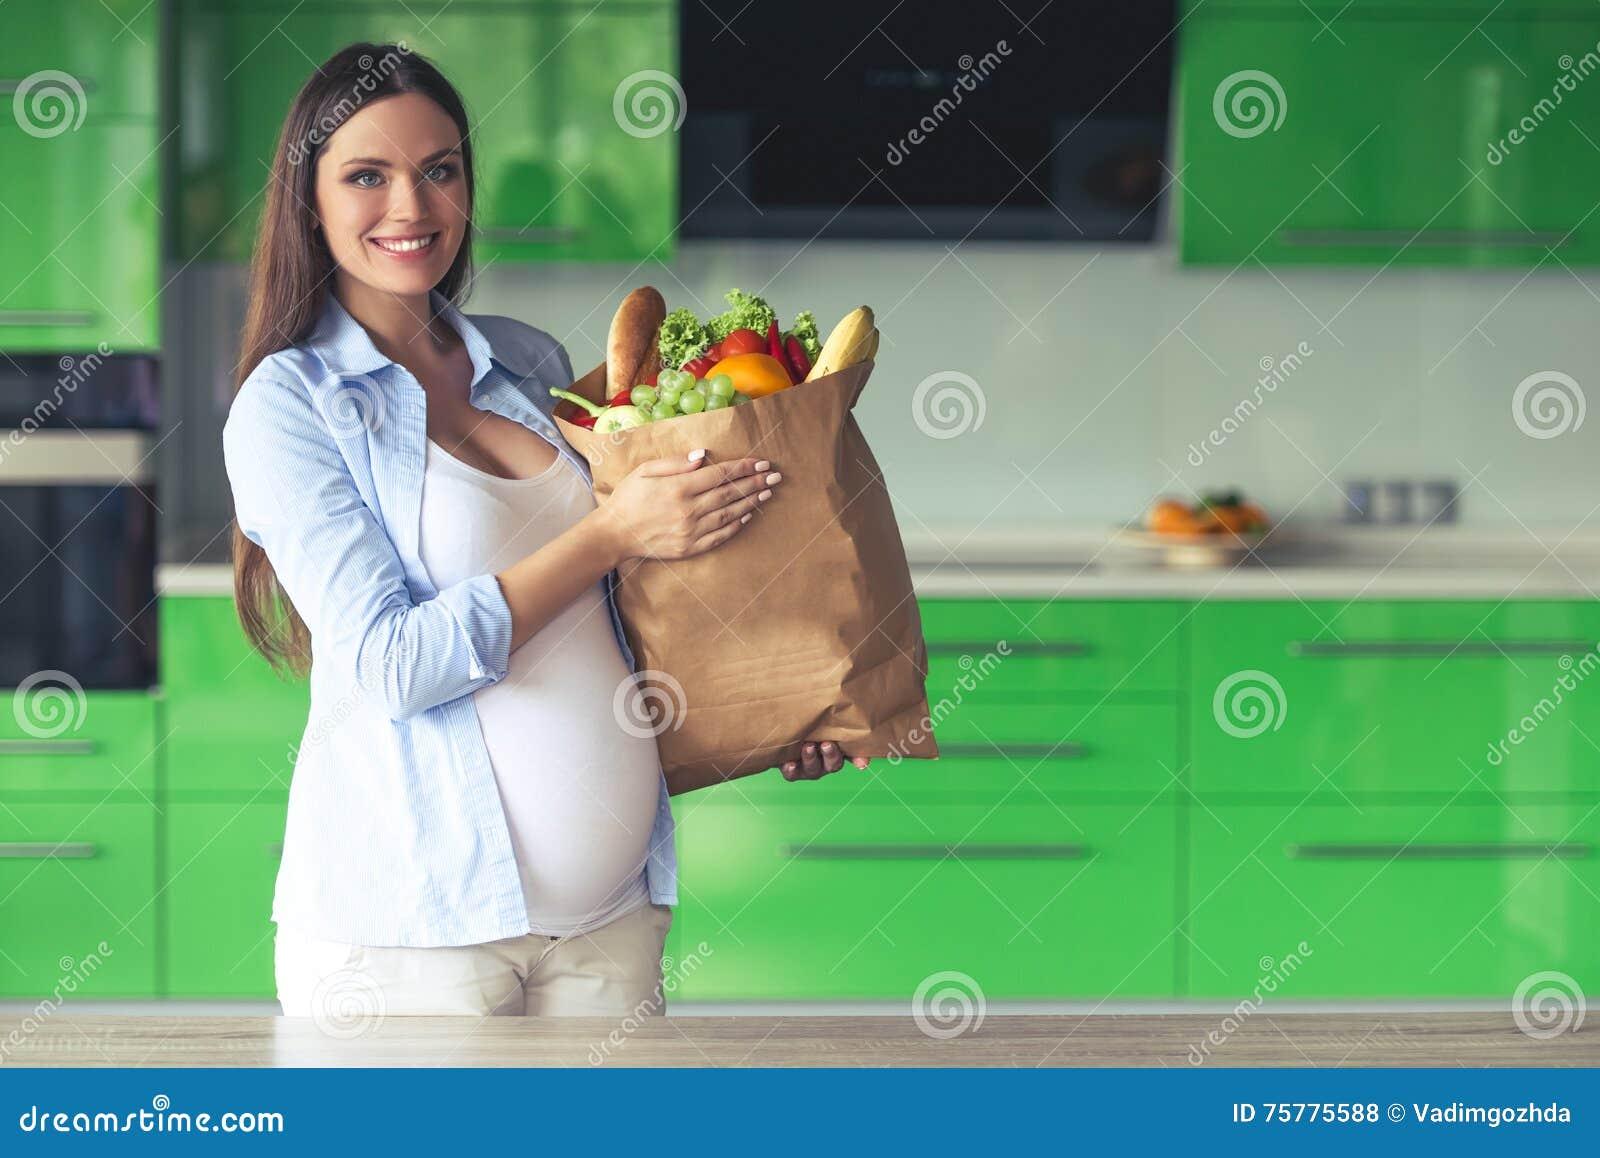 pregnant woman kitchen sex